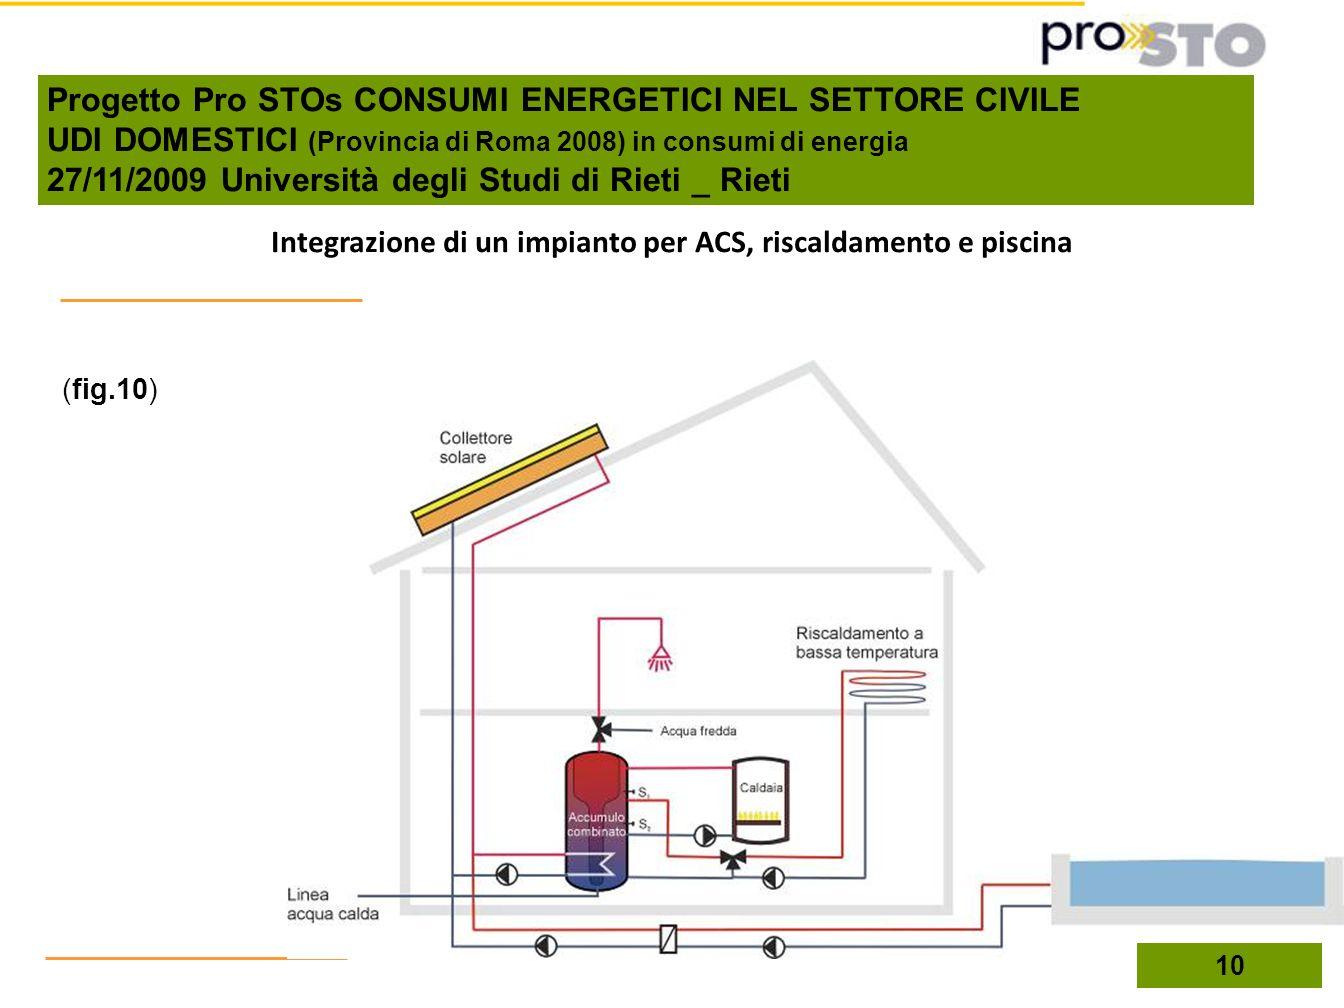 (fig.10) 10 Integrazione di un impianto per ACS, riscaldamento e piscina Progetto Pro STOs CONSUMI ENERGETICI NEL SETTORE CIVILE UDI DOMESTICI (Provin